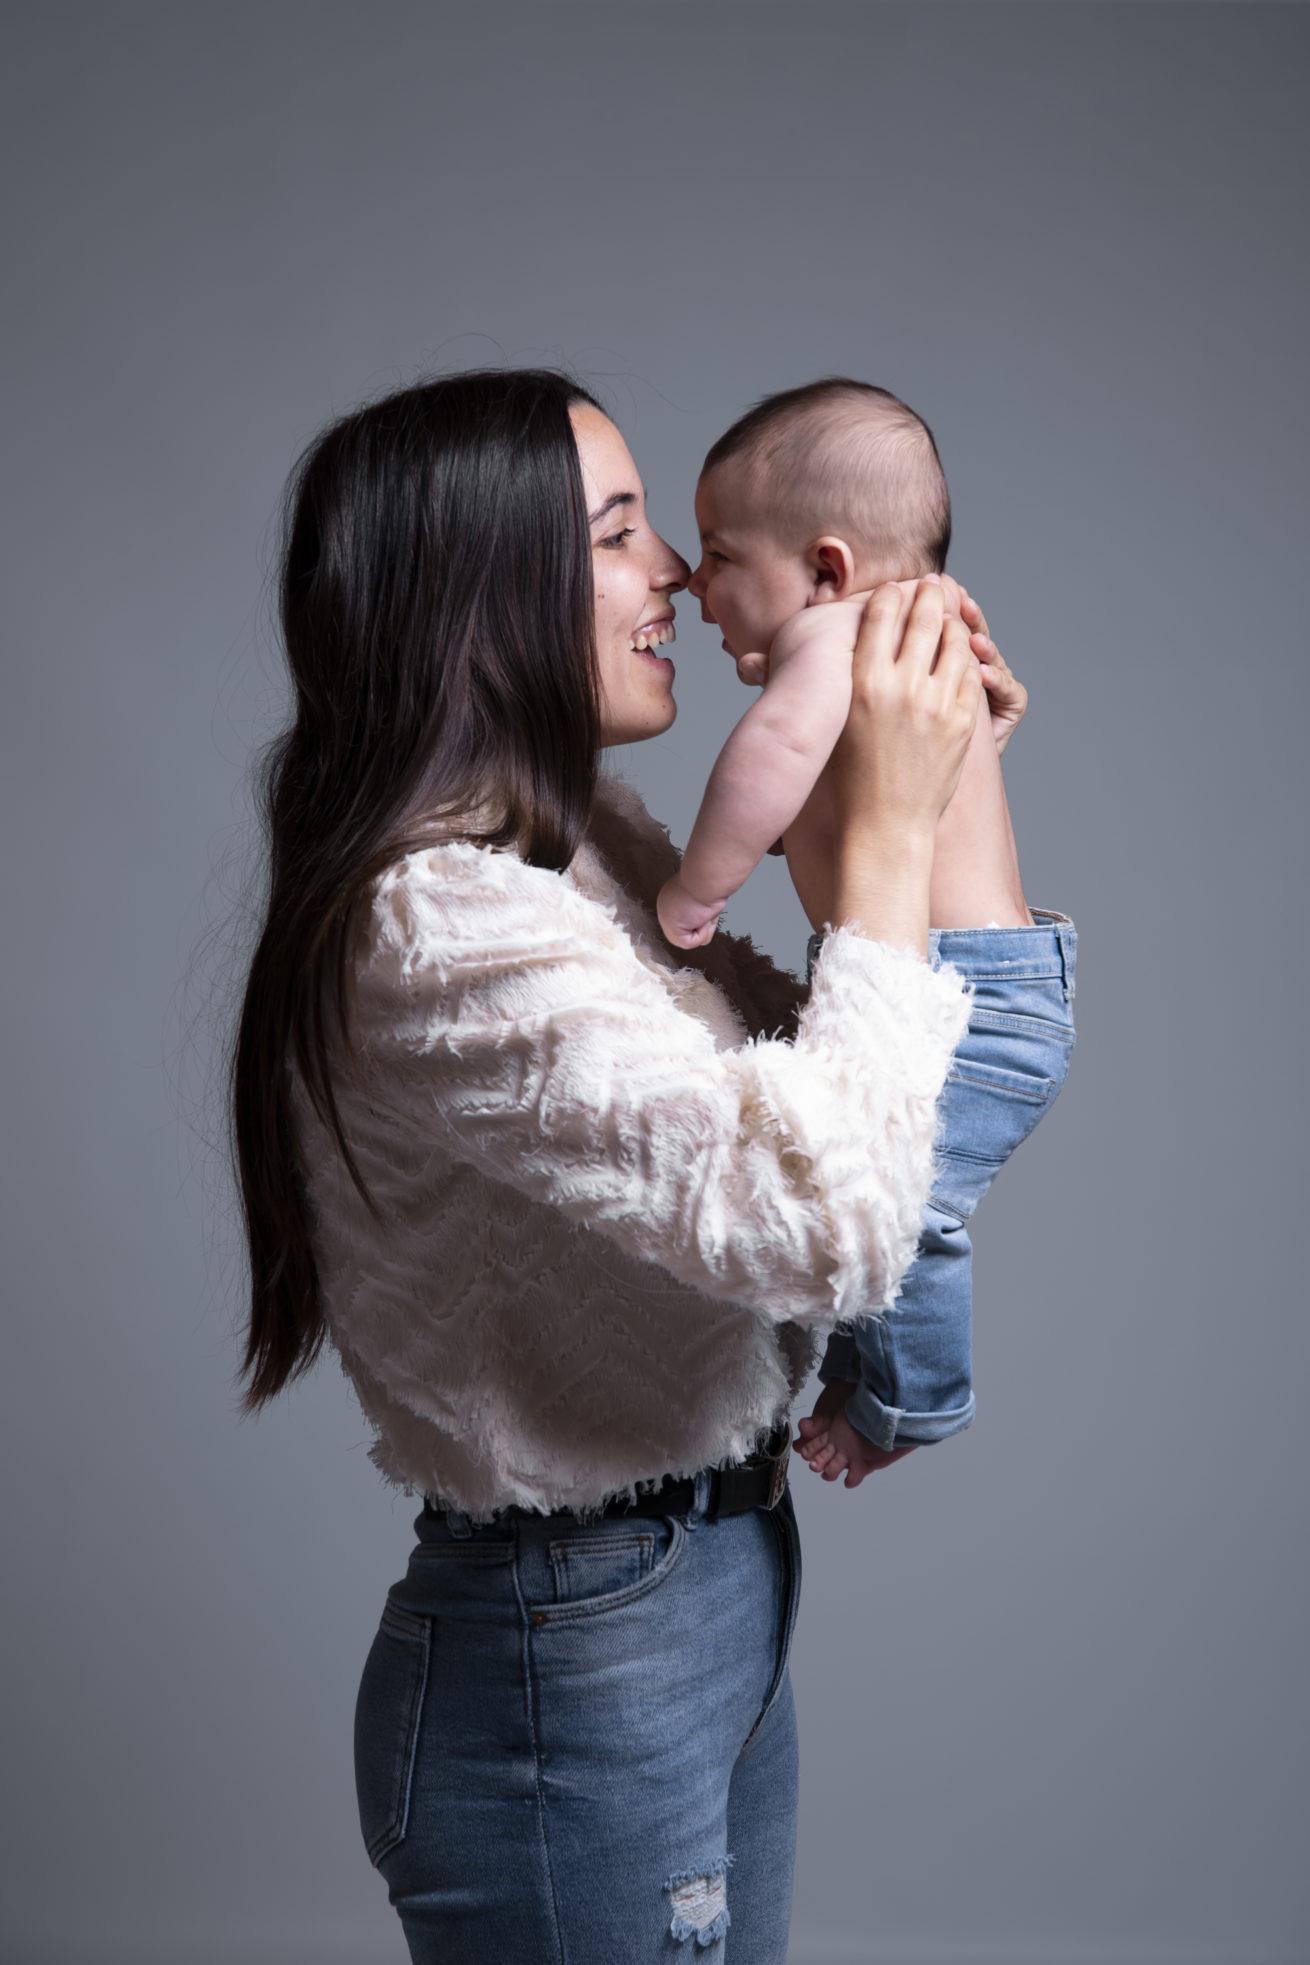 séance photo mere bébé